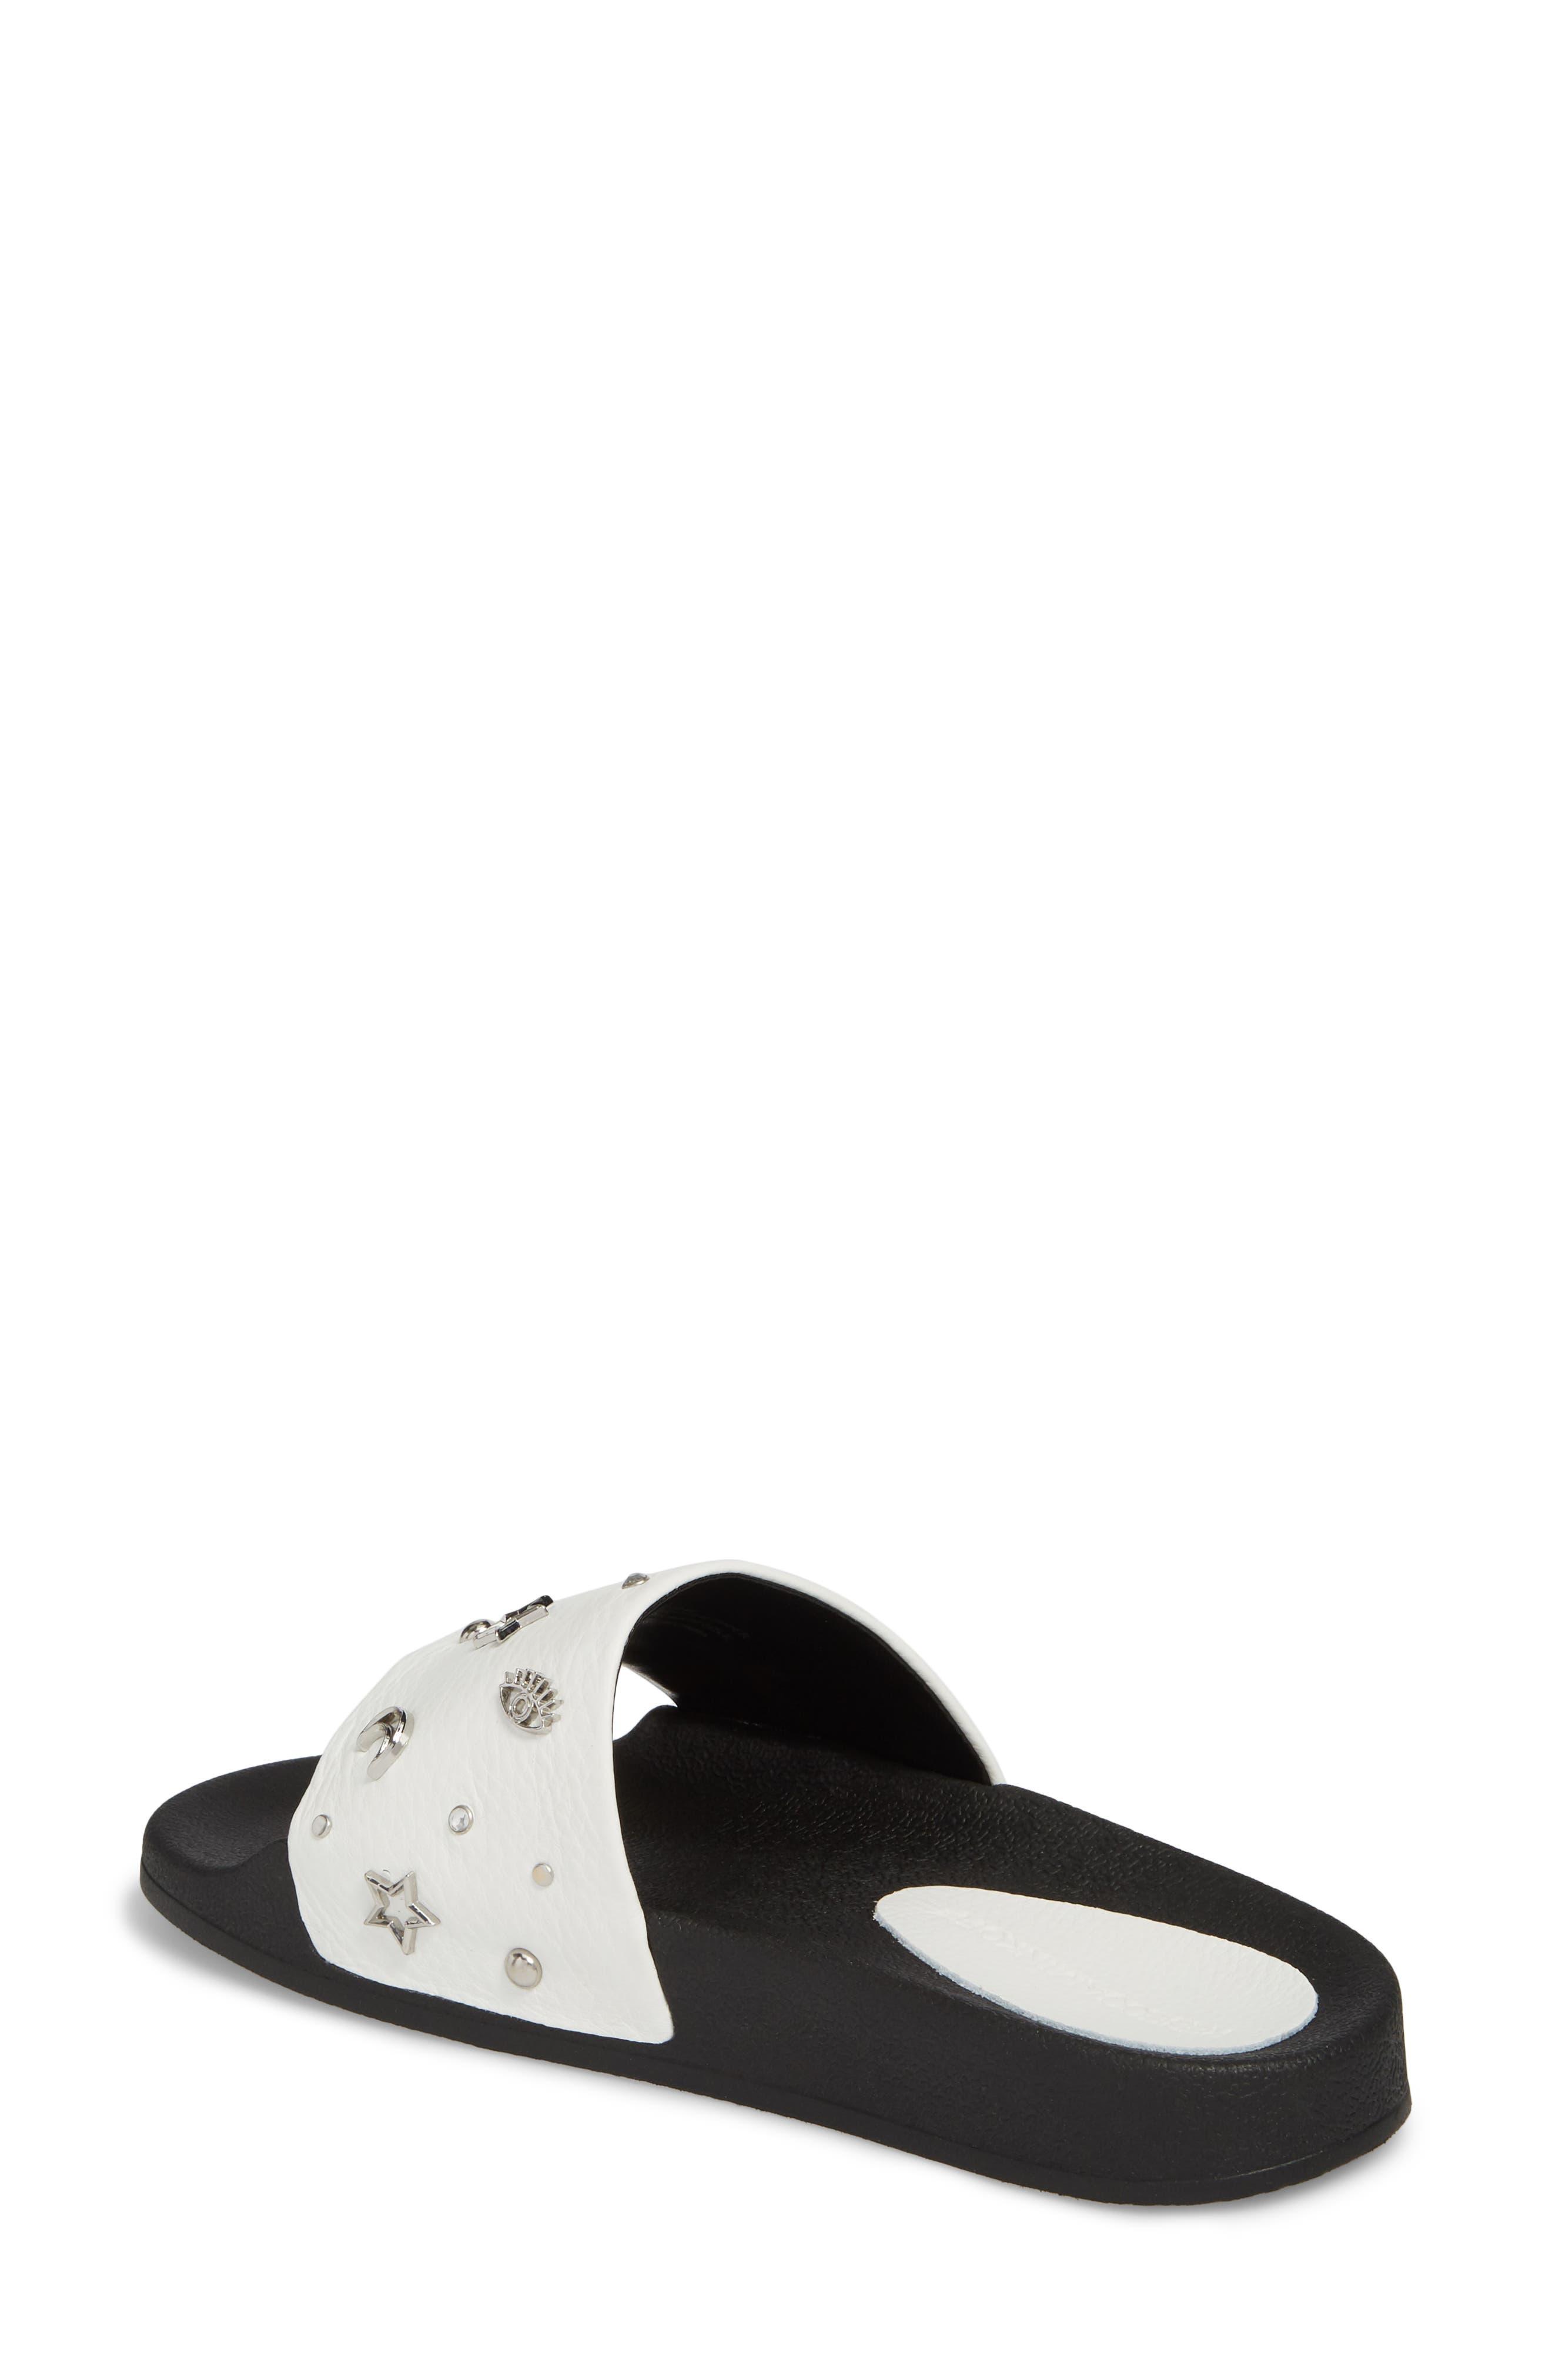 Thunder Slide Sandal,                             Alternate thumbnail 2, color,                             White Leather